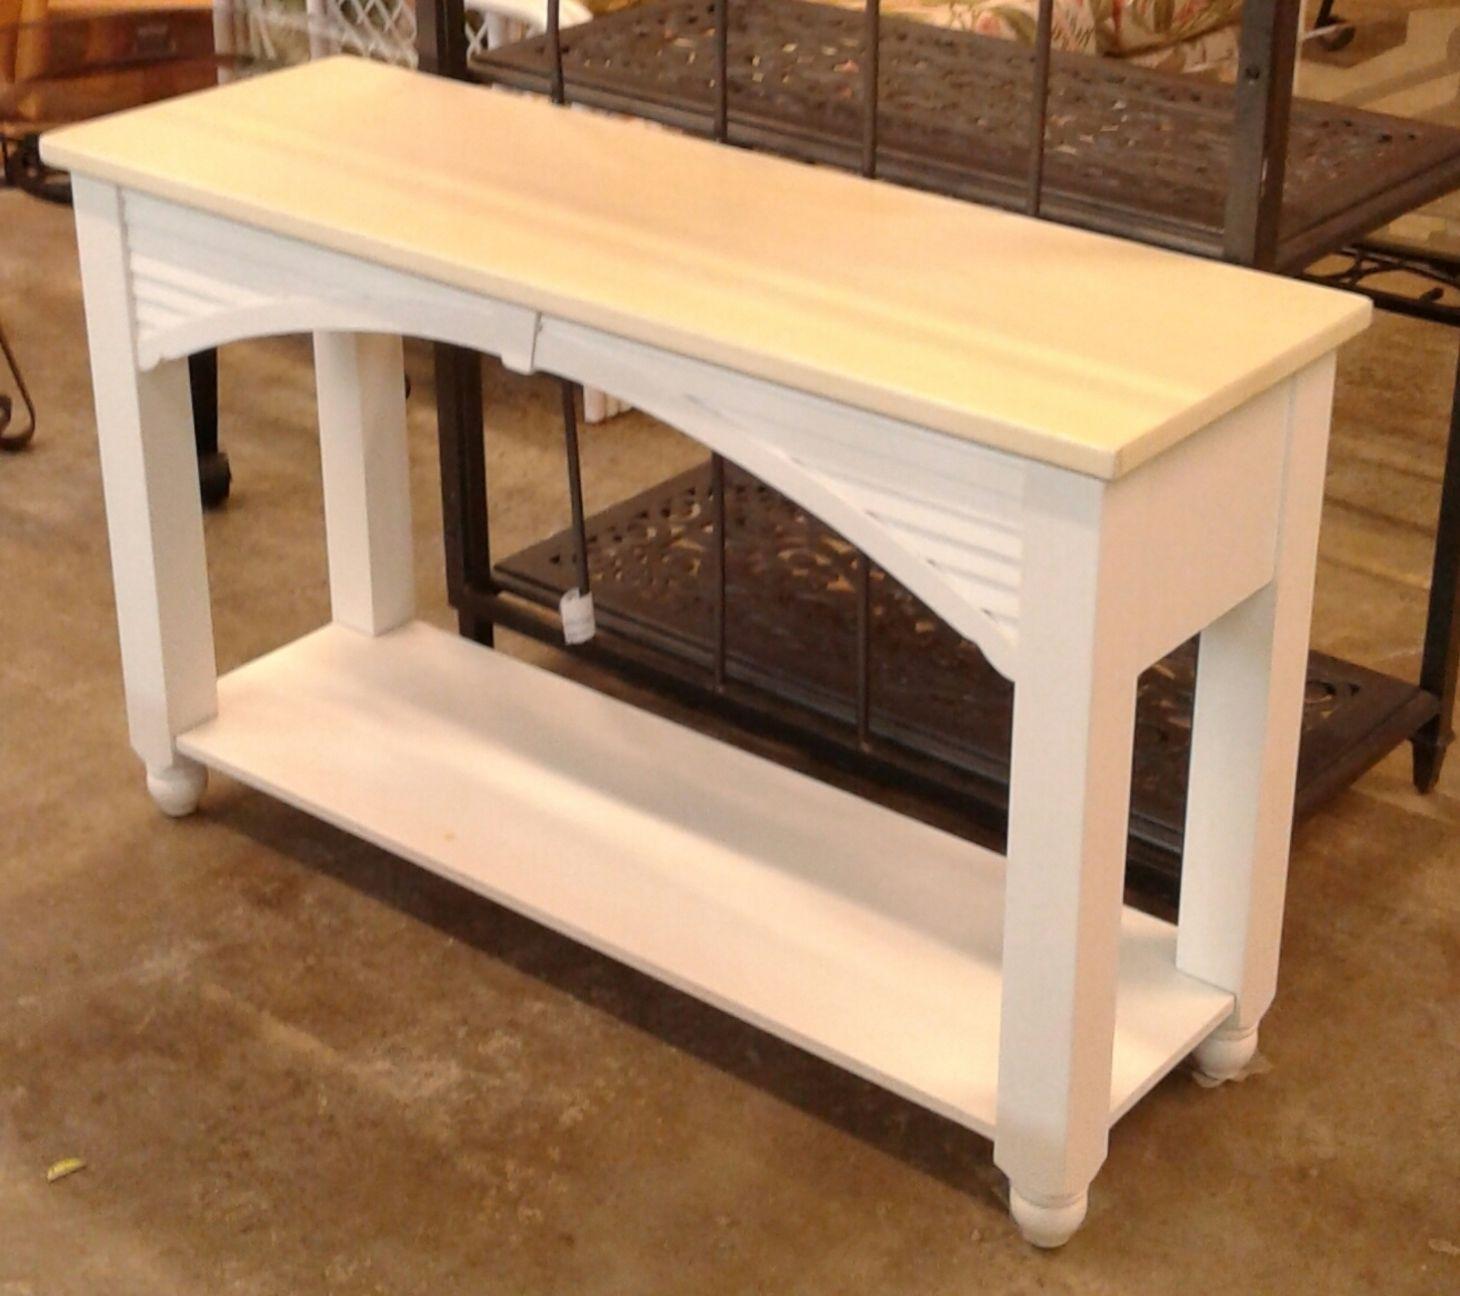 Broyhill White Sofa Table Delmarva Furniture Consignment